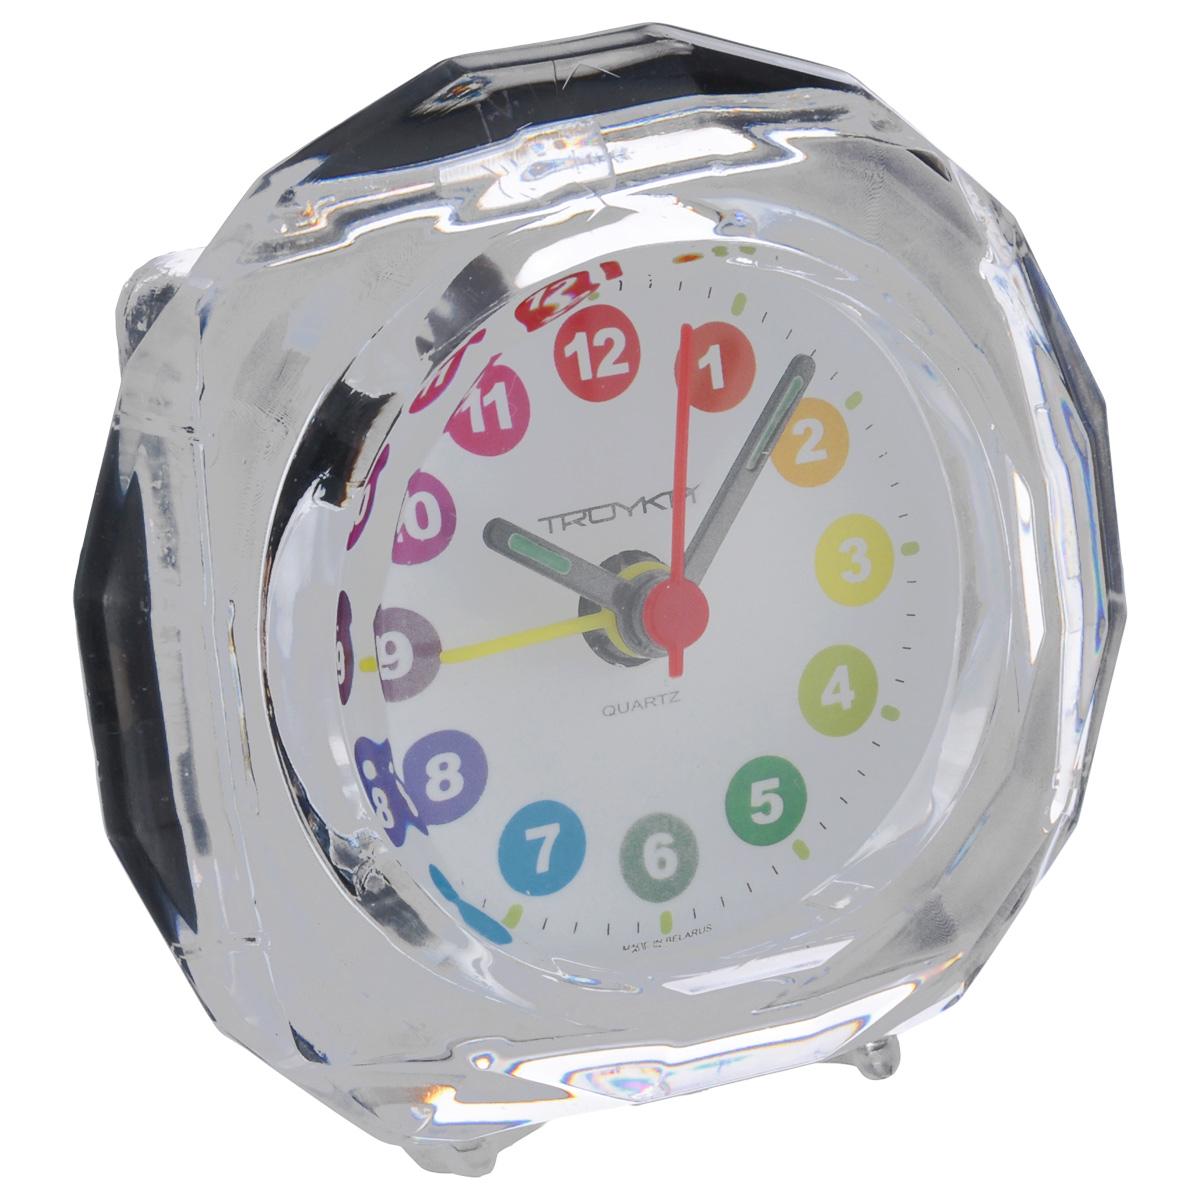 Будильник Troyka, цвет: прозрачный. 02.00902.009Будильник Troyka выполнен из стекла и пластика. Он поможет вам просыпаться по утрам и никуда не опаздывать. На задней панели будильника расположены переключатель включения/выключения механизма и два колесика для настройки текущего времени и времени звонка будильника. Будильник работает от 1 батарейки типа AA (не входит в комплект).